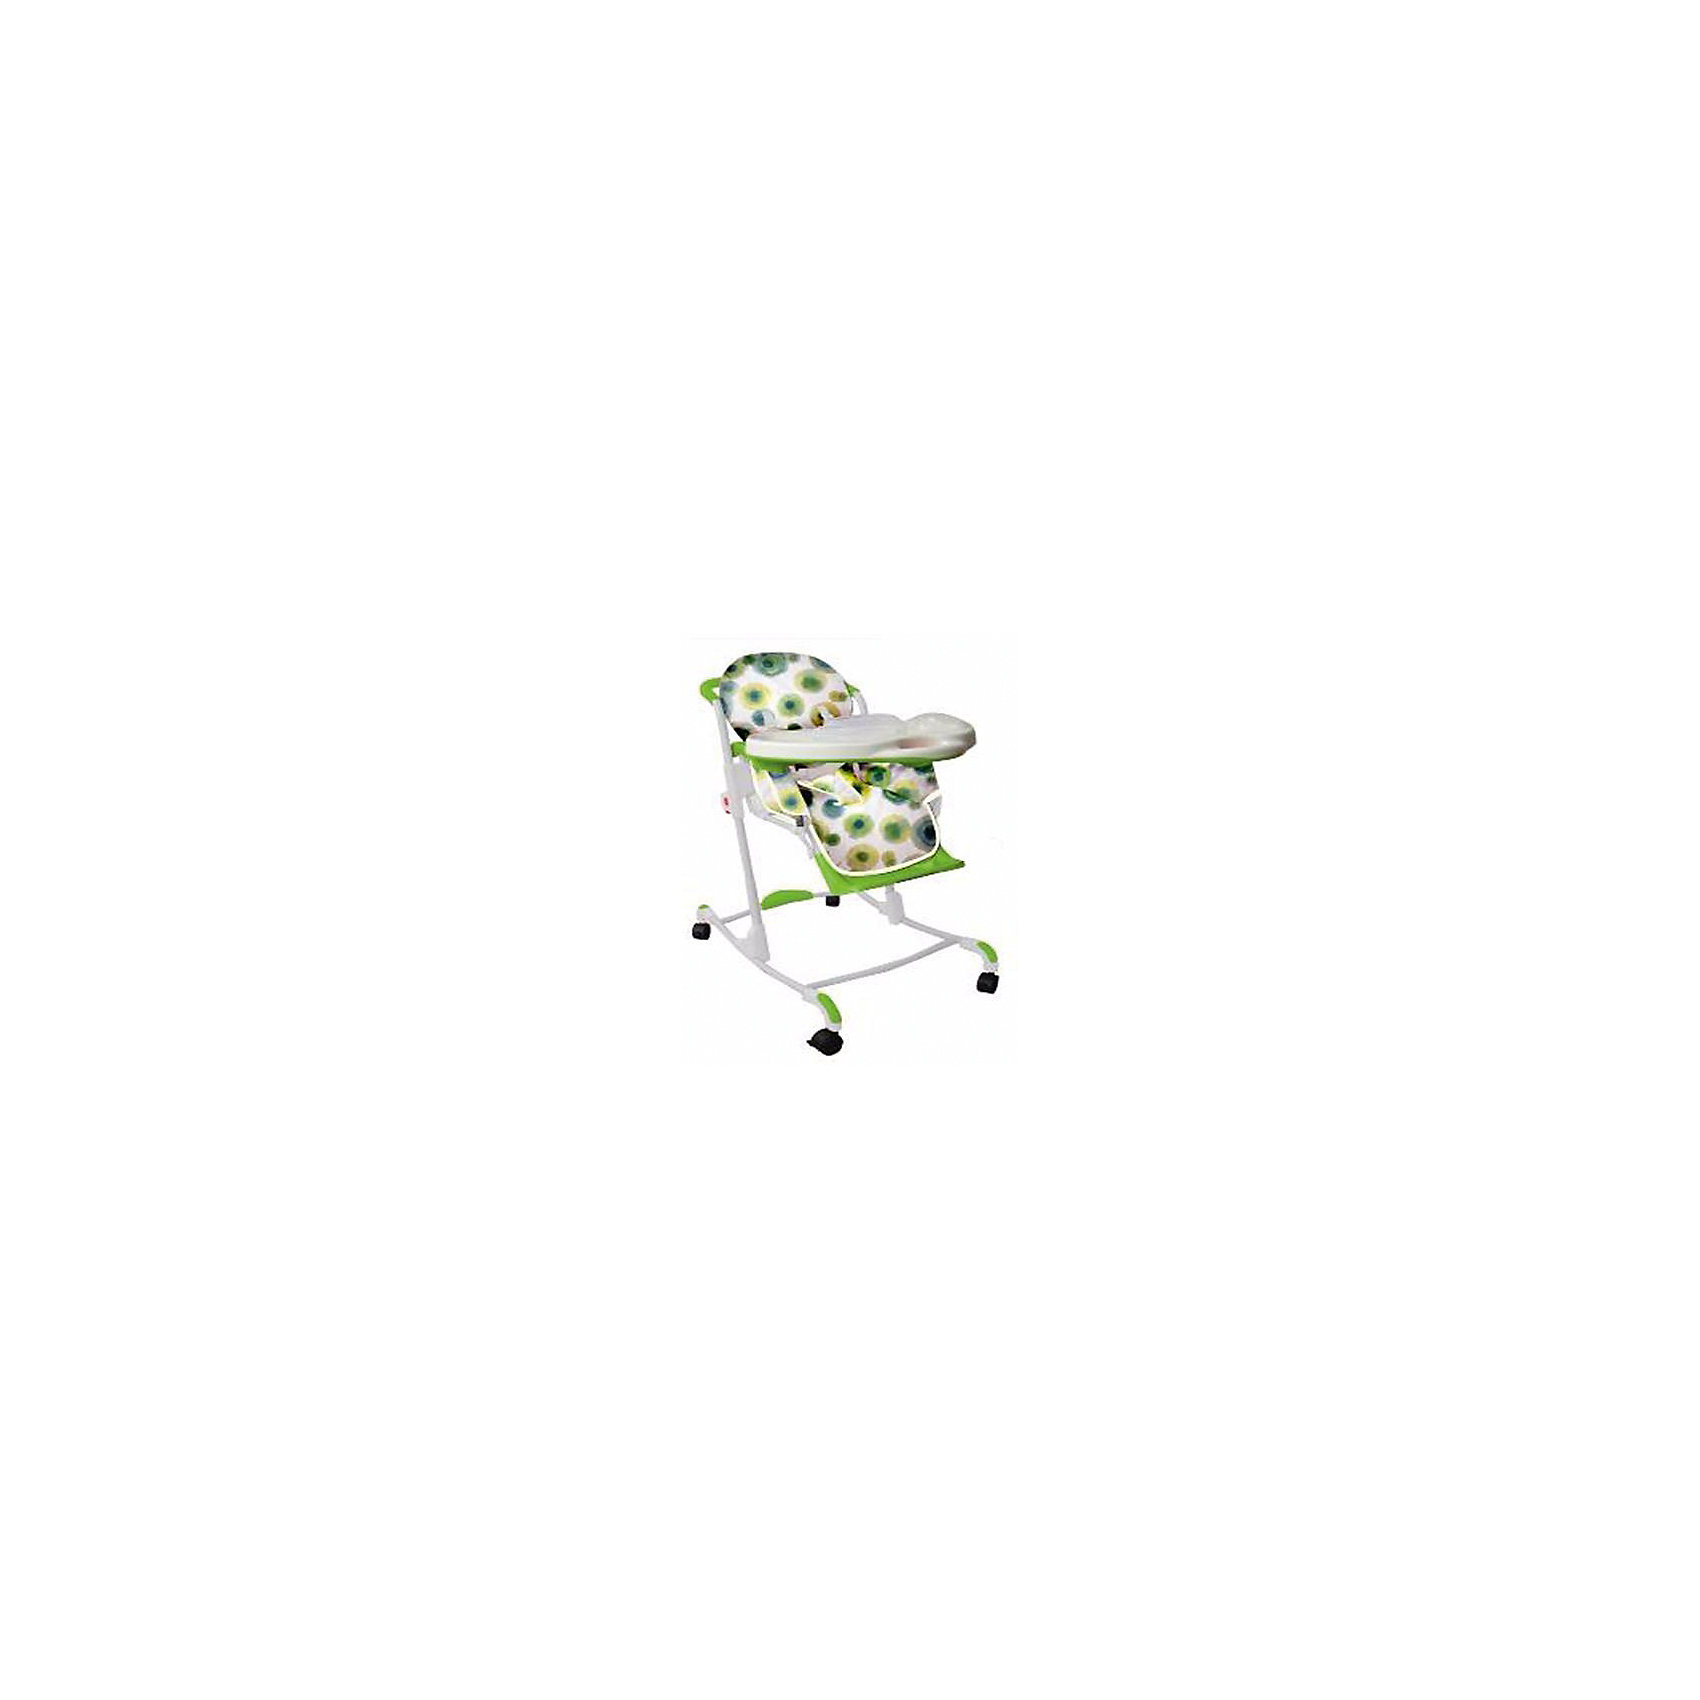 Стульчик для кормления 05Y801, Geoby, зелёный в кружочекСтульчики для кормления<br>Характеристики:<br><br>• стульчик-трансформер: несколько положений в плоскости, несколько положений по высоте, со столиком/без столика, кресло-качалка;<br>• стульчик для кормления оборудован системой 3-х точечных ремней безопасности;<br>• регулируемый угол наклона спинки, 2 положения, сидя и полусидя;<br>• регулируемые наклон подножки и ее высота;<br>• регулируемая высота стульчика для кормления, 6 положений;<br>• съемная столешница с бортиками, дополнительный поднос с тарелочками;<br>• возможность фиксировать посуду на поверхности столешницы;<br>• стульчик оснащен колесиками со стопорами, 4 колеса;<br>• имеется цельная ручка, которая находится за спинкой стульчика и позволяет перемещать стульчик на колесах как коляску;<br>• есть возможность изменить положение опорных ножек стульчика, перевернув крепления с прорезиненными накладками, чтобы они смотрели вниз, а стульчик исполнял роль кресла-качалки;<br>• клеенка-покрытие столика неприхотлива в уходе, ее легко чистить и мыть;<br>• материал: алюминий, пластик, резина, полиэстер.<br><br>Функциональный стульчик для кормления имеет ряд преимуществ. Используется как кресло-качалка, стульчик со столиком для кормления, как детский стульчик приставляется к общему столу. Изменяется положение спинки и подножки, регулируется высота стульчика, варьируется наличие/отсутствие столешницы. Компактно складывается для хранения и транспортировки.  <br><br>Размеры стульчика для кормления: 77х53х105 см<br>Размер упаковки: 77,5х61,5х28 см<br>Вес стульчика: 9,3 кг<br>Вес в упаковке: 11,8 кг<br><br>Стульчик для кормления 05Y801, Geoby, зелёный в кружочек можно купить в нашем интернет-магазине.<br><br>Ширина мм: 615<br>Глубина мм: 280<br>Высота мм: 775<br>Вес г: 11800<br>Возраст от месяцев: 6<br>Возраст до месяцев: 36<br>Пол: Унисекс<br>Возраст: Детский<br>SKU: 5500331